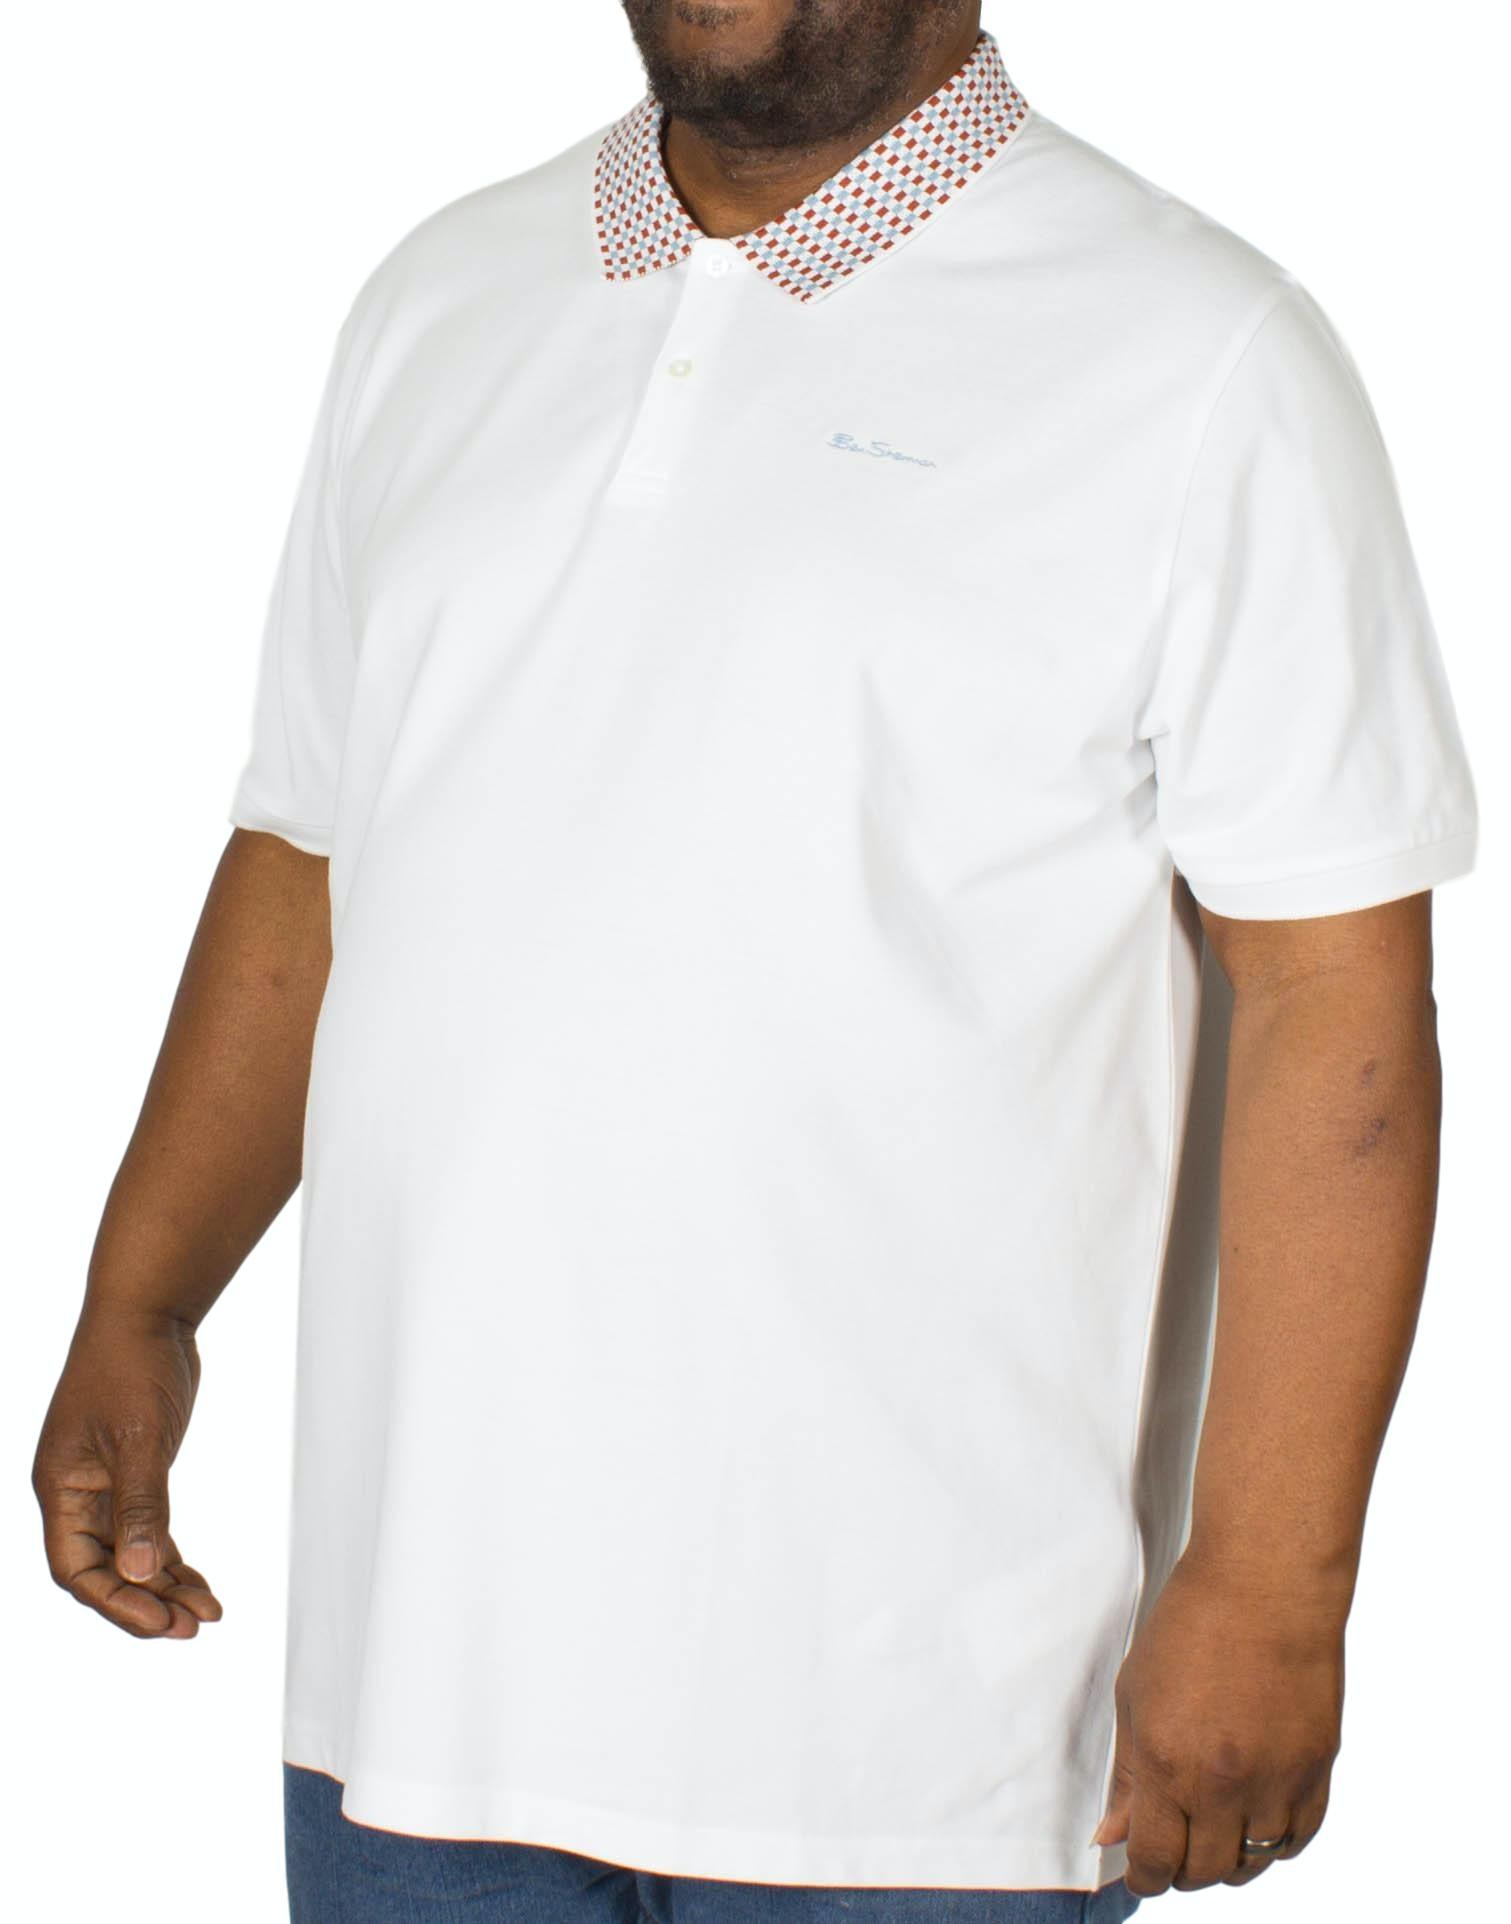 Ben Sherman Chequerboard Jacquard Polo Shirt White